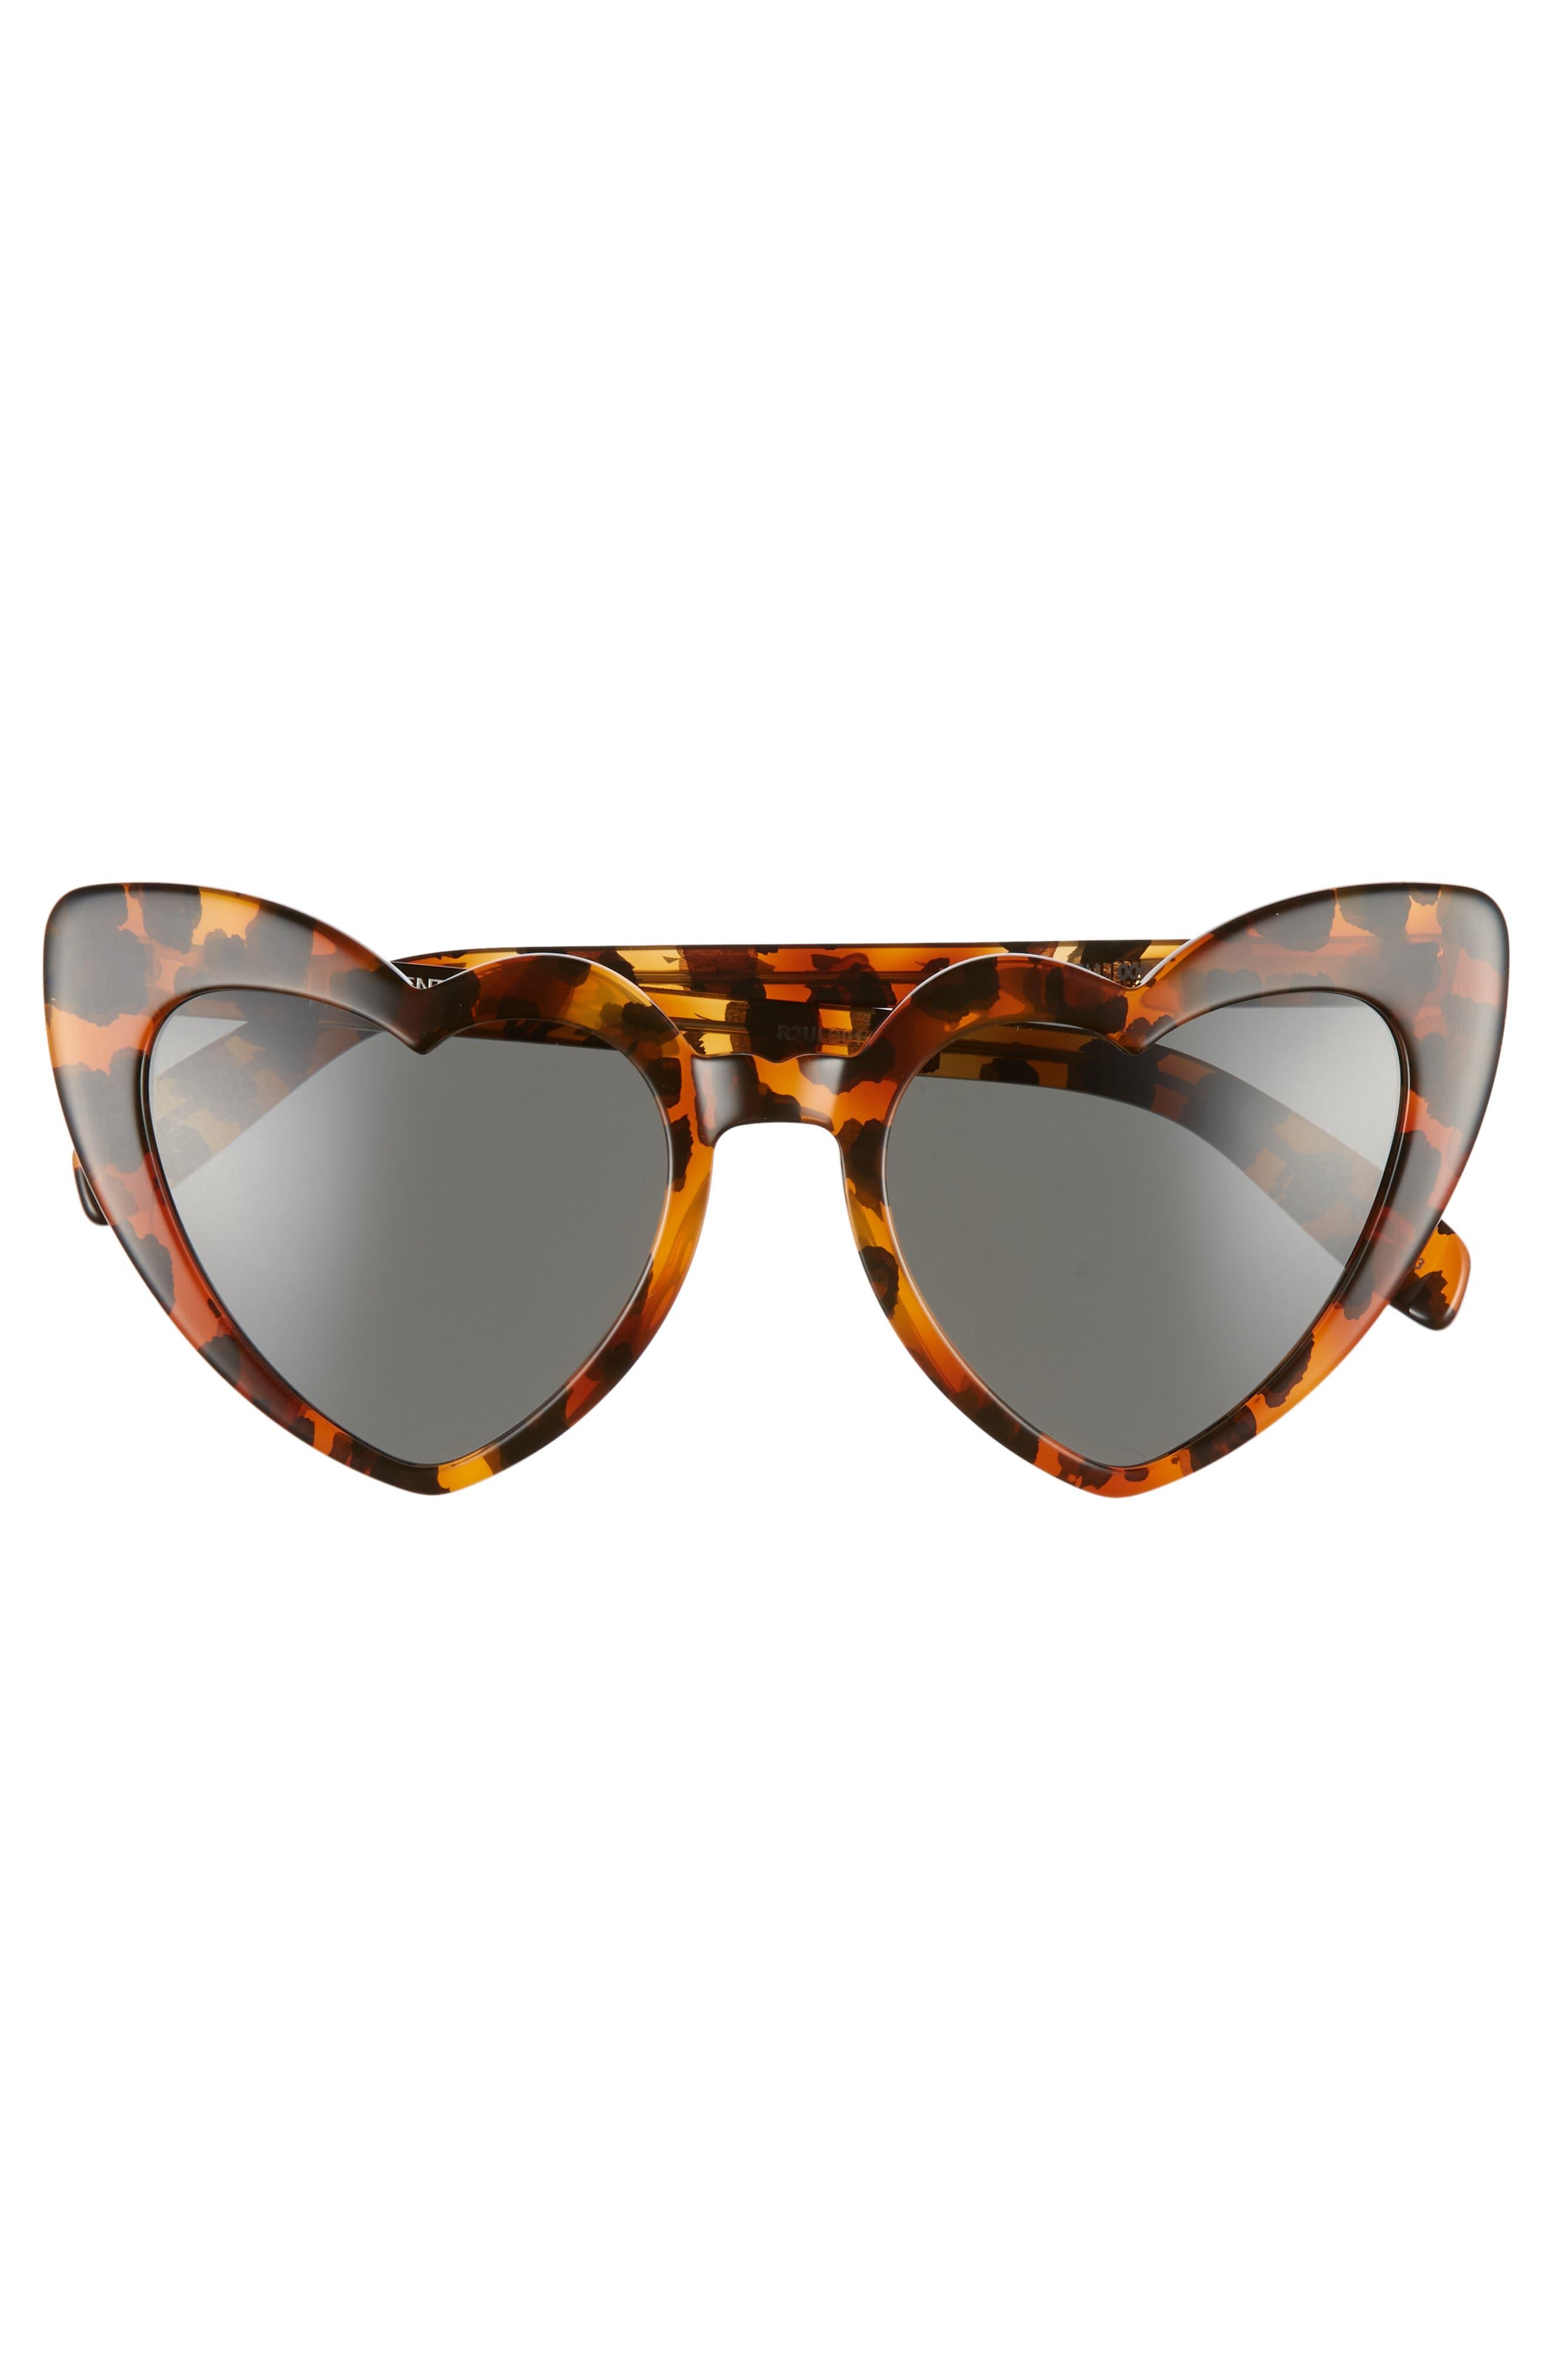 SAINT LAURENT,                             Loulou 54mm Heart Sunglasses,                             Alternate thumbnail 3, color,                             LEOPARD HAVANA/ GREY